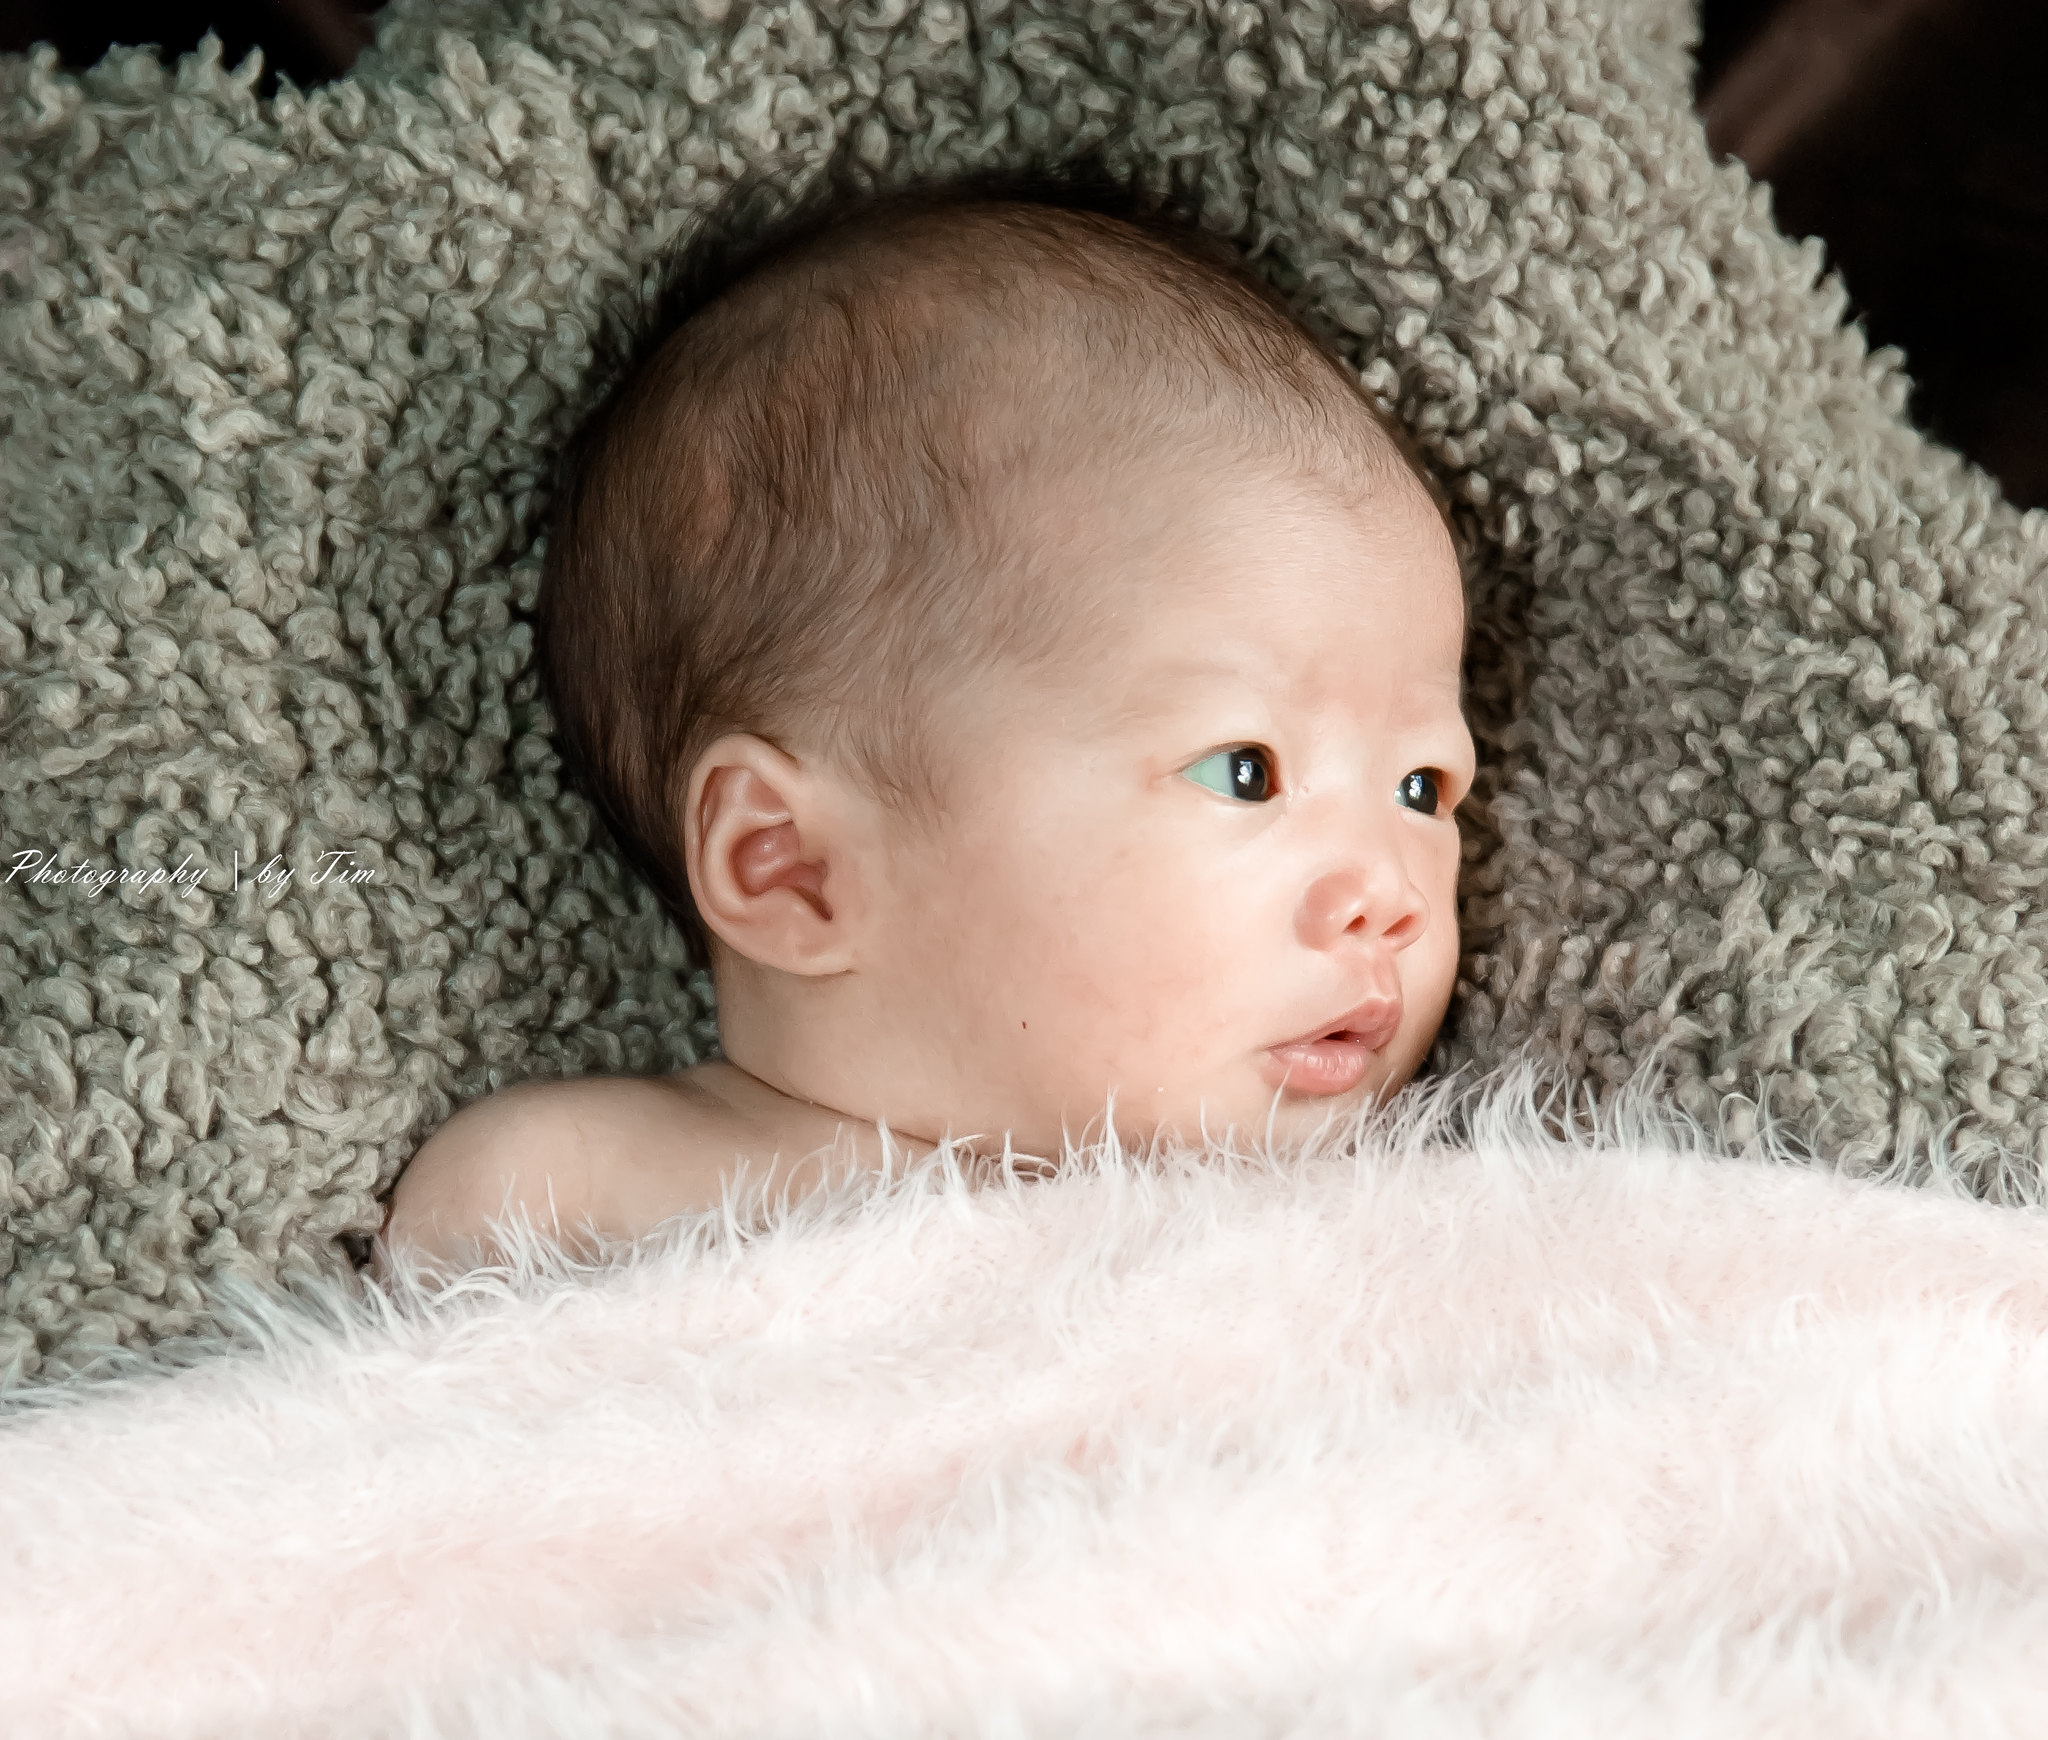 (簡單分享) 自拍-新生兒 寫真 @22Day